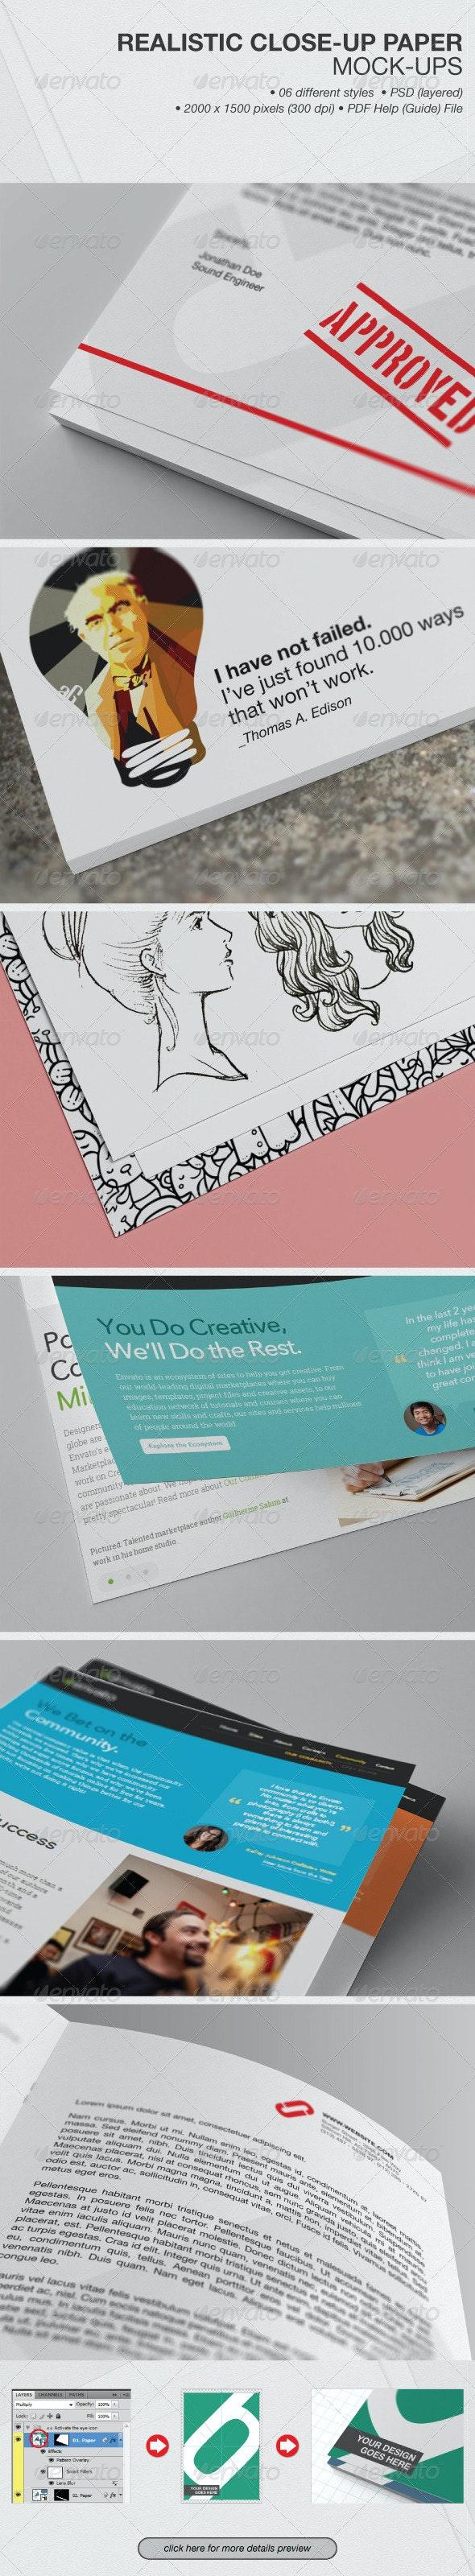 Realistic Close-up Paper Mock-ups - Product Mock-Ups Graphics